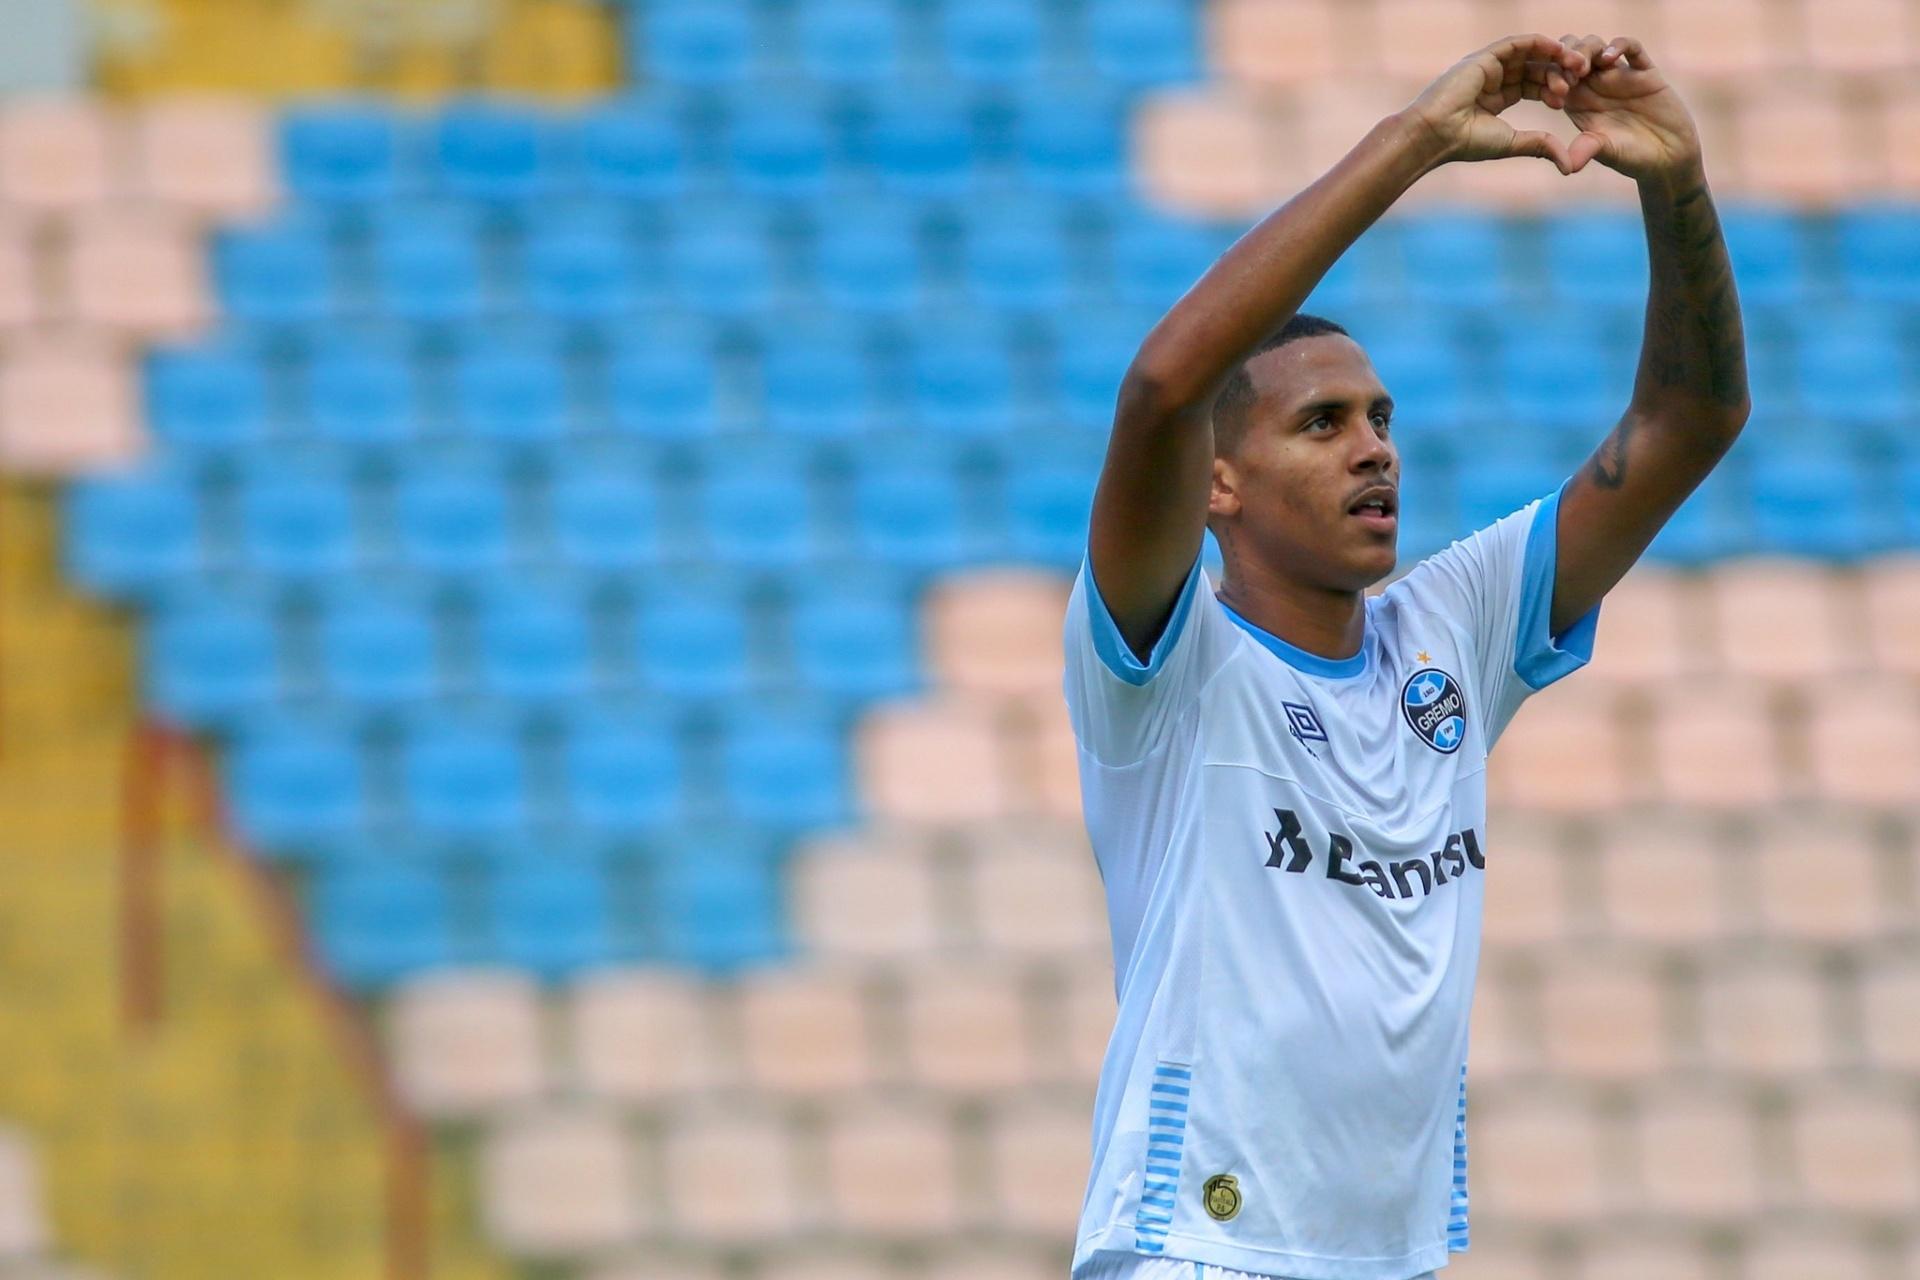 db53bd024d Grêmio faz 2 a 0 no CSA e avança às oitavas de final da Copinha - Esporte -  BOL